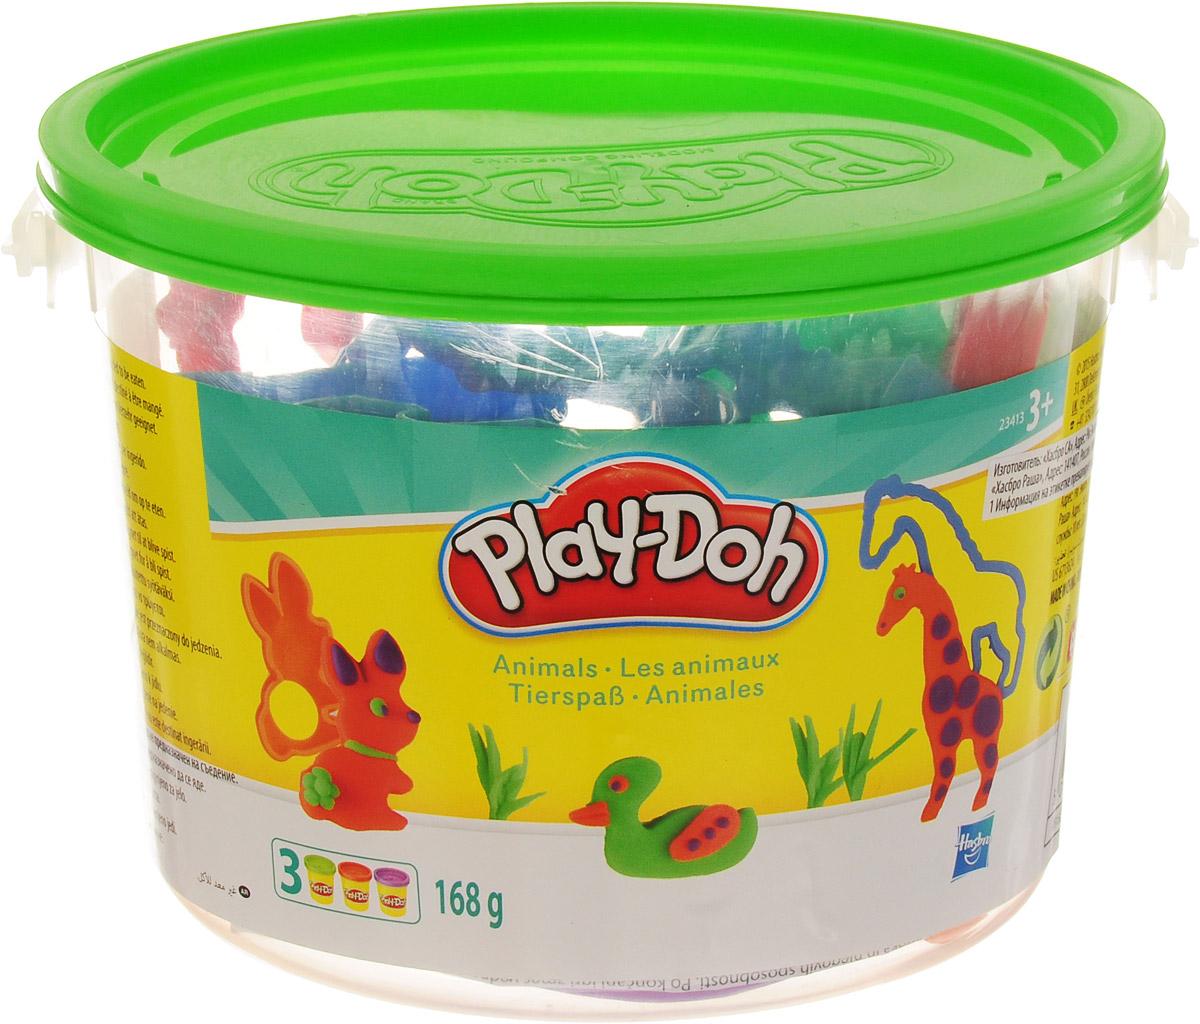 Play-Doh Игровой набор Ведерочко72523WDИгровой набор Play-Doh Ведерочко не позволит скучать вашему малышу. С помощью инструментов для лепки малыш сможет создать множество разных фигурок, вырезая, отпечатывая или раскатывая пластилин. Трафареты созданы специально для маленьких ручек, они удобны в использовании и безопасны.В наборе три баночки с пластилином разных цветов, разнообразные формочки и инструменты для лепки.Play-Doh - король пластилина! Этот уникальный материал для детского творчества давно стал любимой развивающей игрушкой для малышей во всем мире. Мягкий пластилин Play-Doh дарит детям радость творчества, а родителям - уверенность, что ребенок получает новые знания самым безопасным способом. Лепить из пластилина, который не прилипает к рукам, одно удовольствие! Пластилин окрашен безопасным красителем, быстро высыхает и не имеет запаха. Соответствует европейским нормам безопасности. Уникальный рецепт Play-Doh хранится в секрете, но факт остается фактом: пластилин сделан на основе натуральных съедобных продуктов, поэтому даже если ребенок проглотит его, ничего страшного не случится. А если во время игры пластилин окажется размазанным по столу, полу или ковру, уборка не займет много времени. Вам не понадобятся ни горячая вода, ни специальные чистящие средства. Пока Play-Doh еще мягкий, маленькие кусочки легко собрать, прилепляя их к большим. Подсохший пластилин можно собрать при помощи щетки или пылесоса.